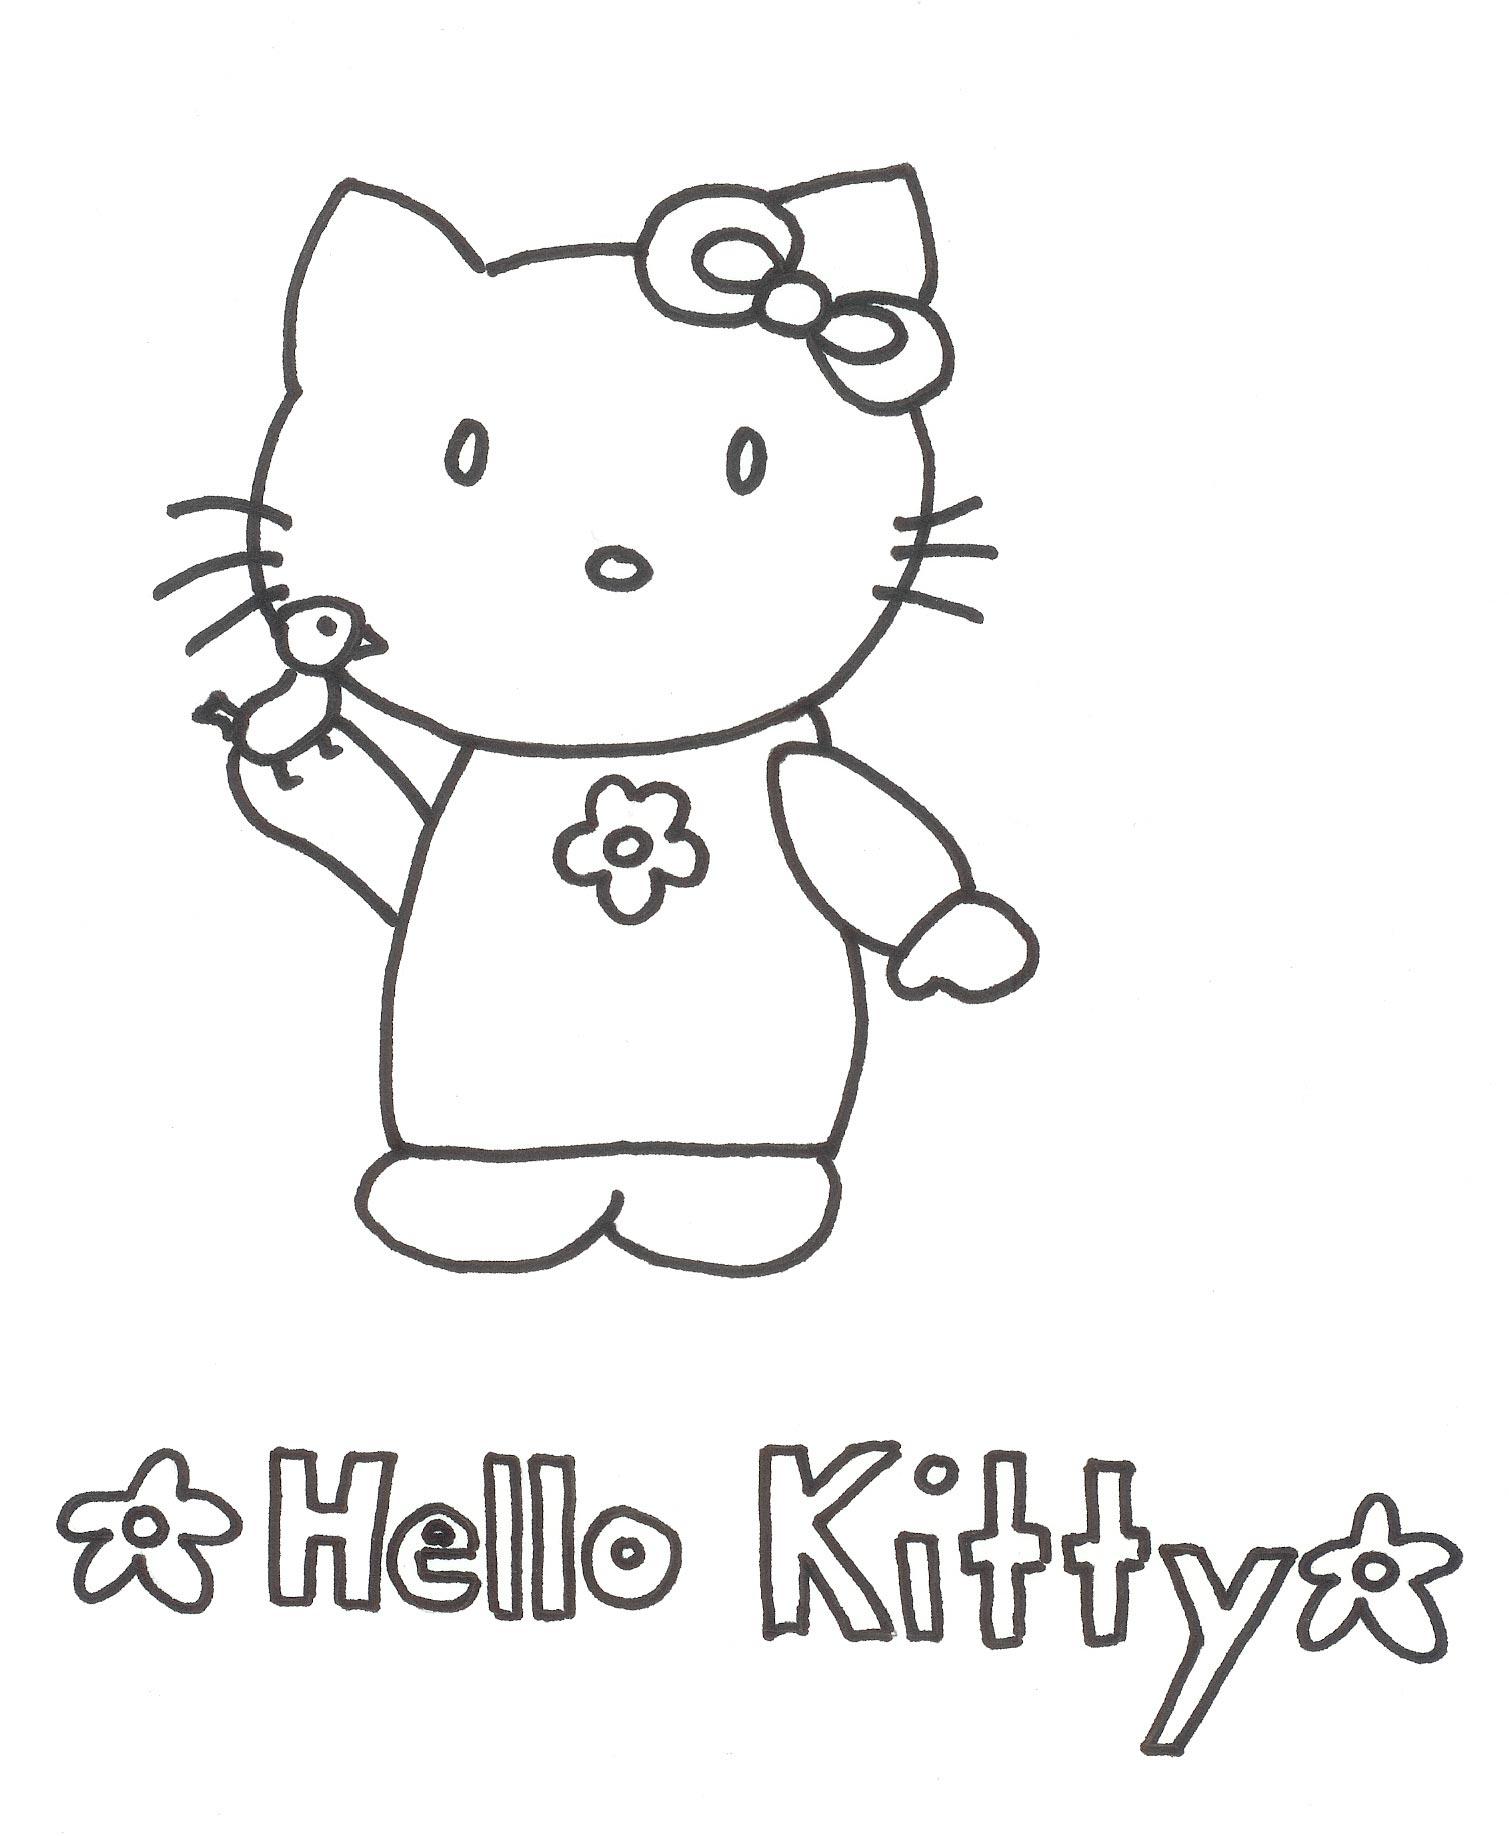 Malvorlagen - Ausmalbilder Hello Kitty   Ausmalbilder bestimmt für Hello Kitty Ausmalbilder Weihnachten